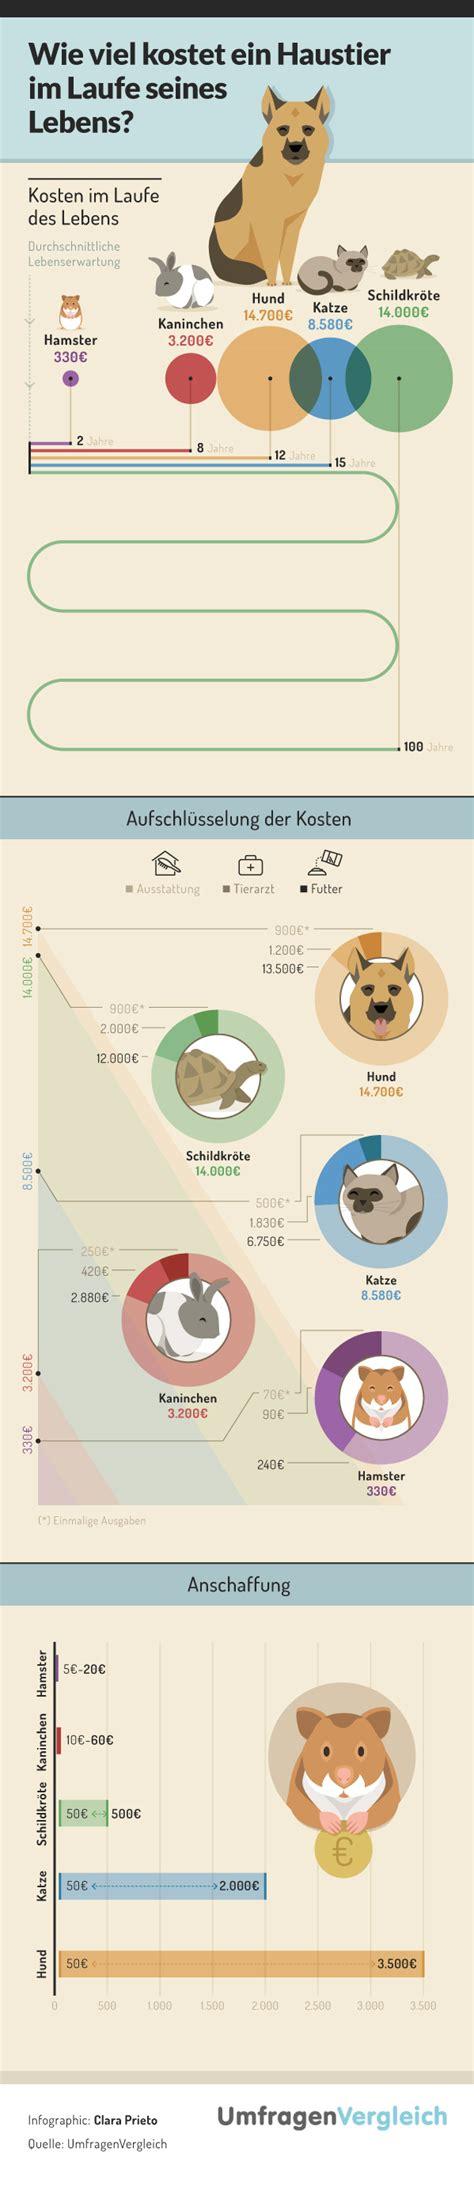 Wie Viel Kostet Ein Haustier?  Die Infografik